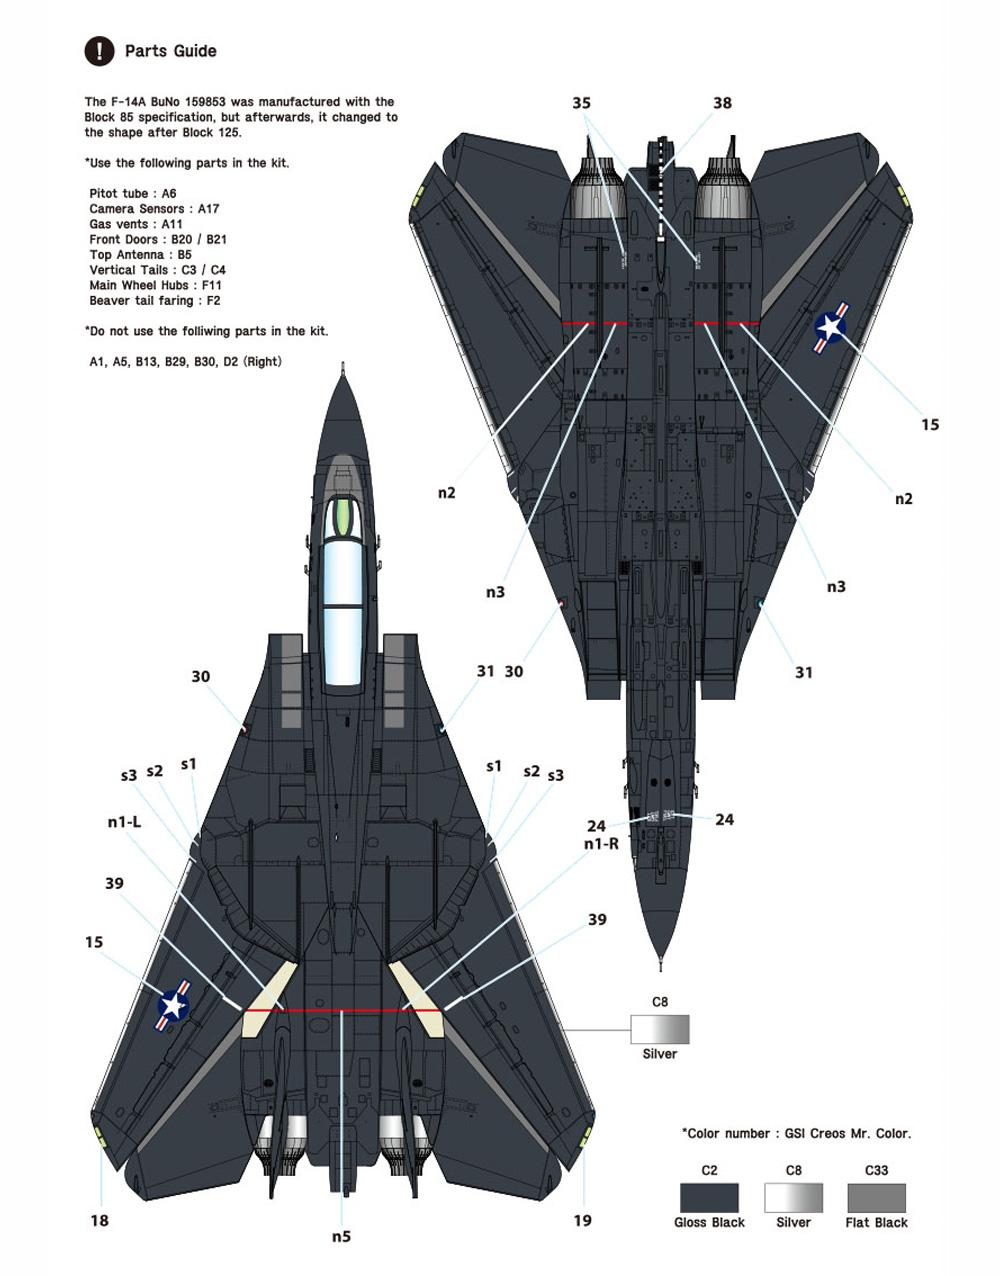 F-14A トムキャット Part 1 VX-4 エヴァリュエイーターズ ヴァンディ 1 (アカデミー用)デカール(ウルフパック1/72 デカール (WD)No.WD72009)商品画像_3